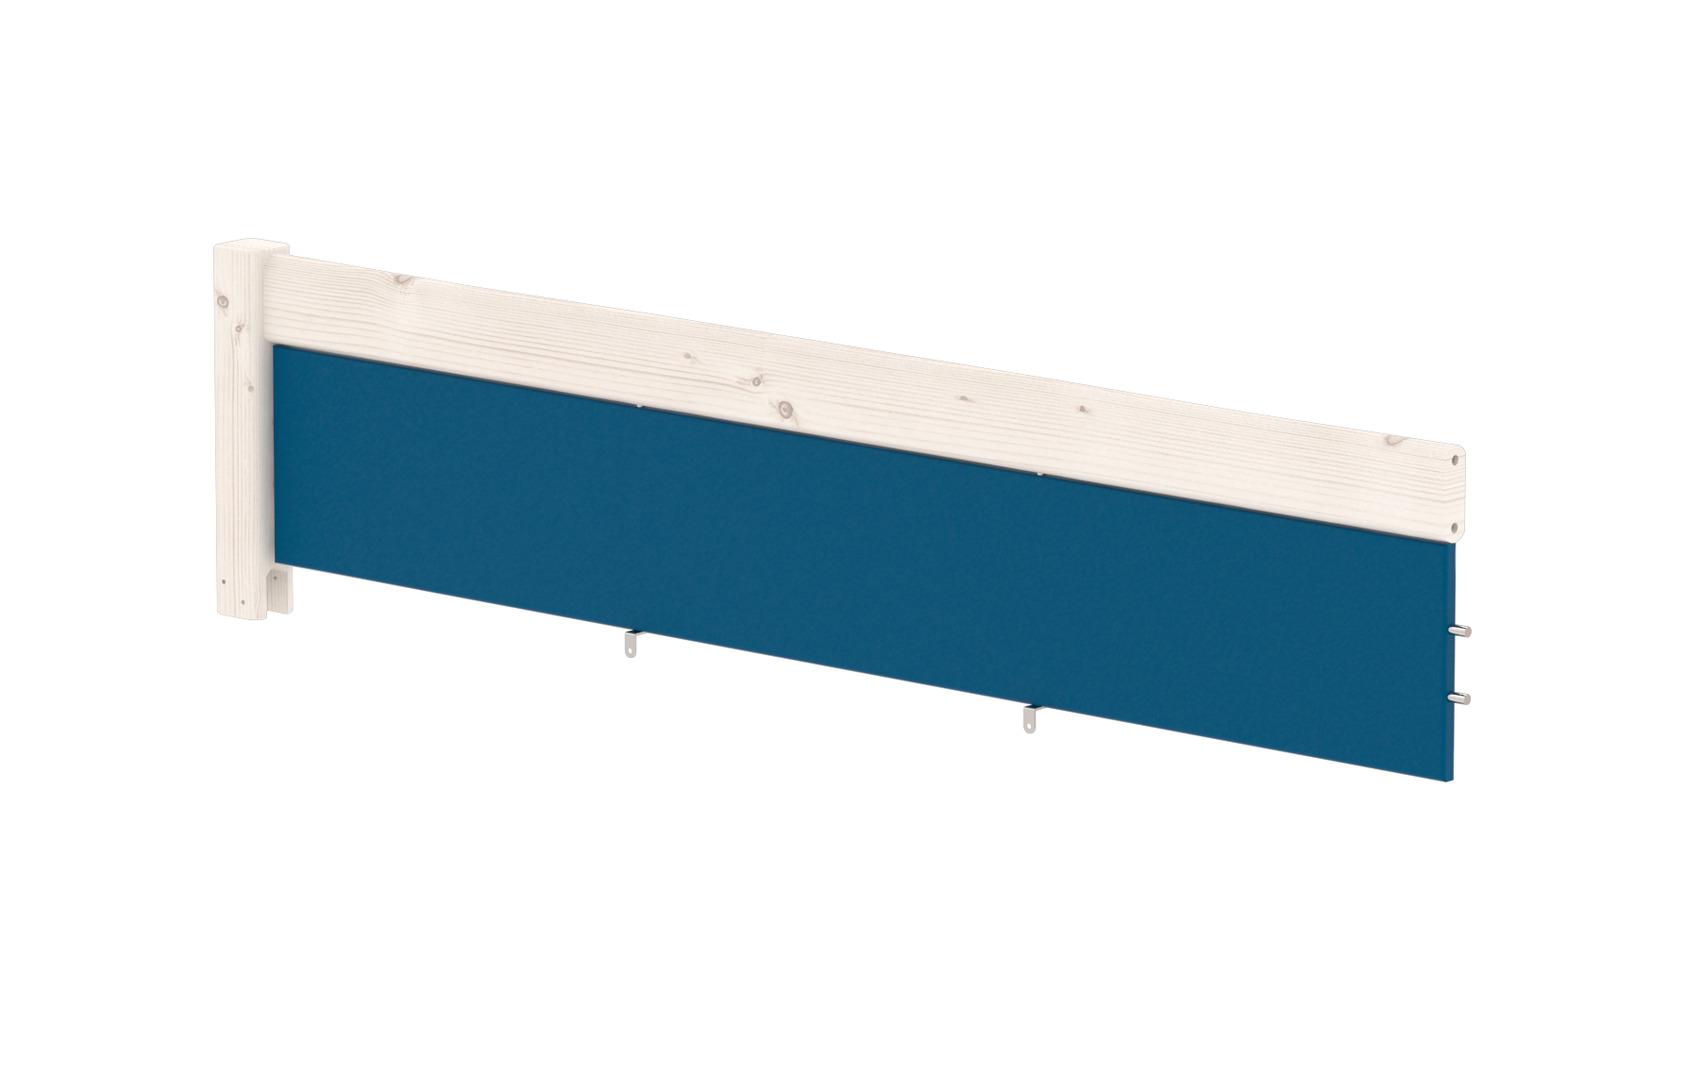 Verschiedene Bett Halbhoch Dekoration Von Halbhohes Aus Massivholz. Senkrechtleiter Und Rutsche(wahlweise Links